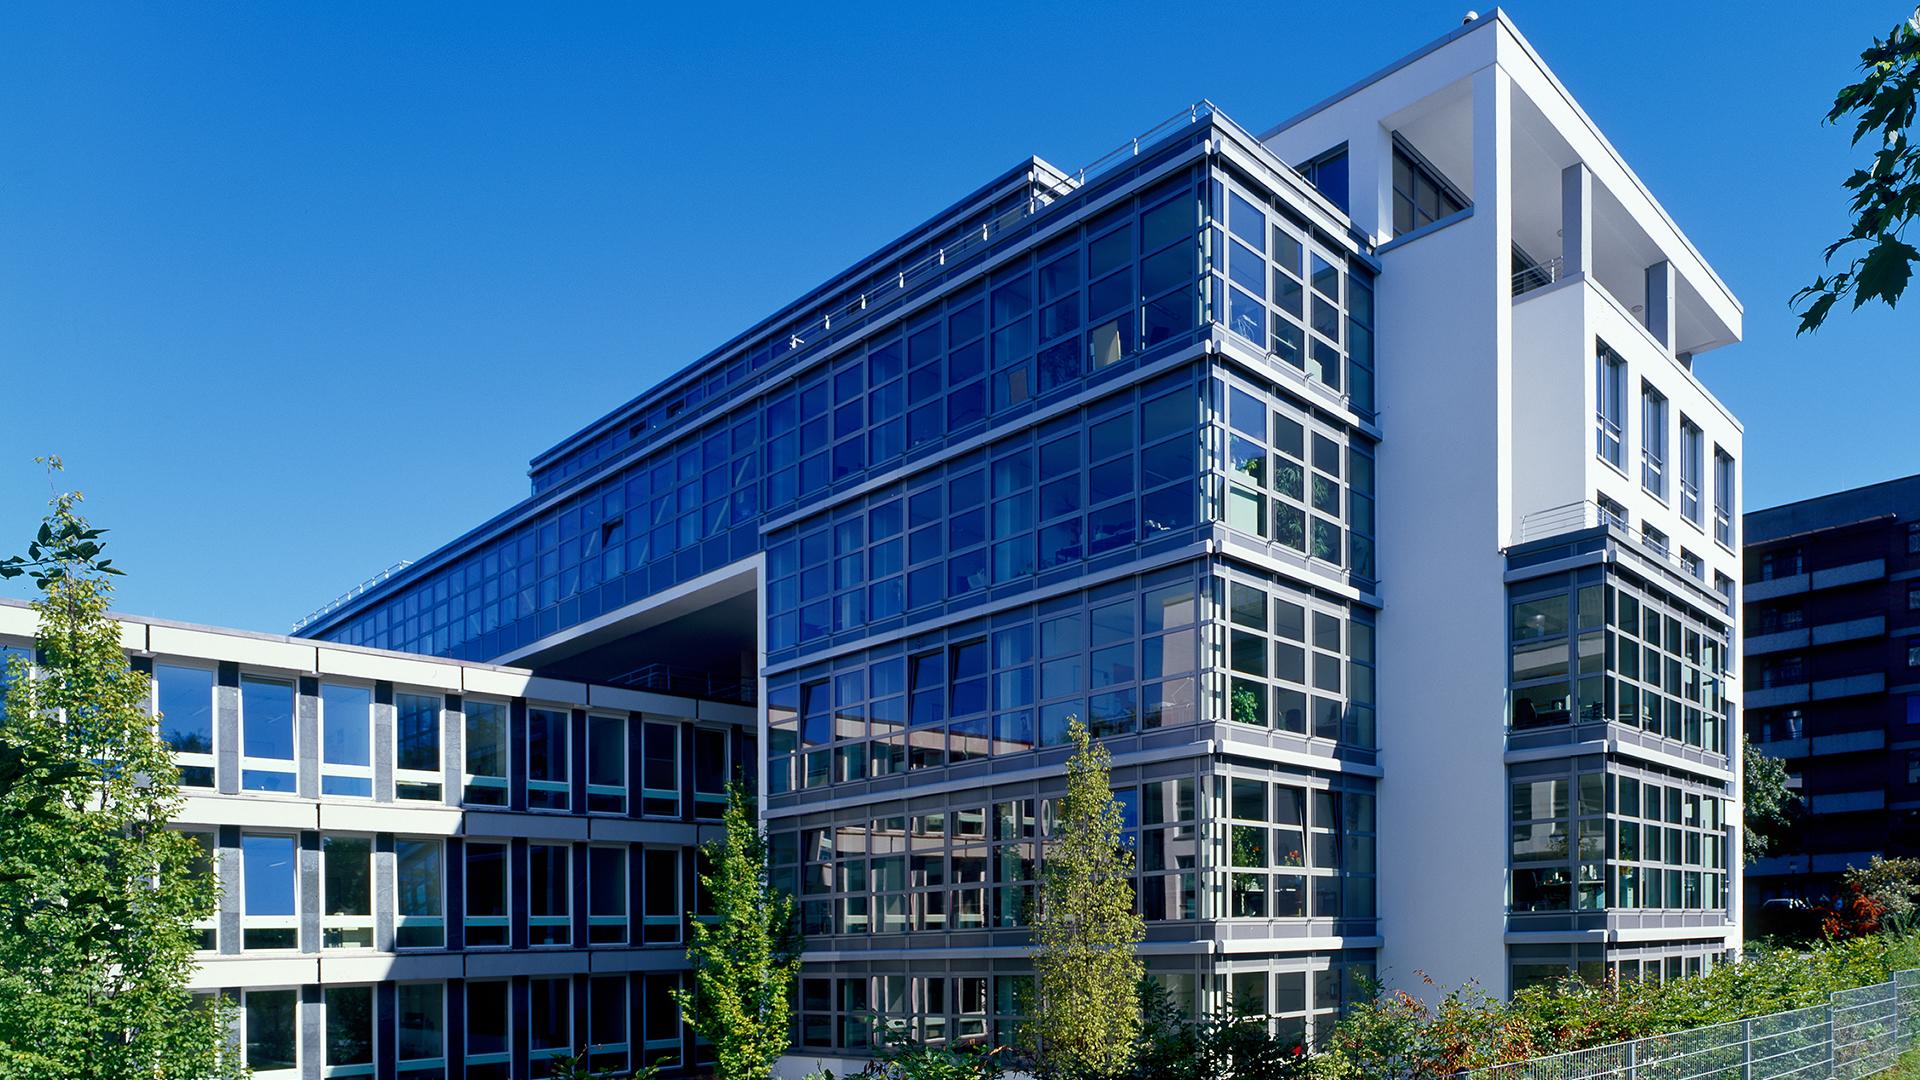 Hollandhaus, Bonn